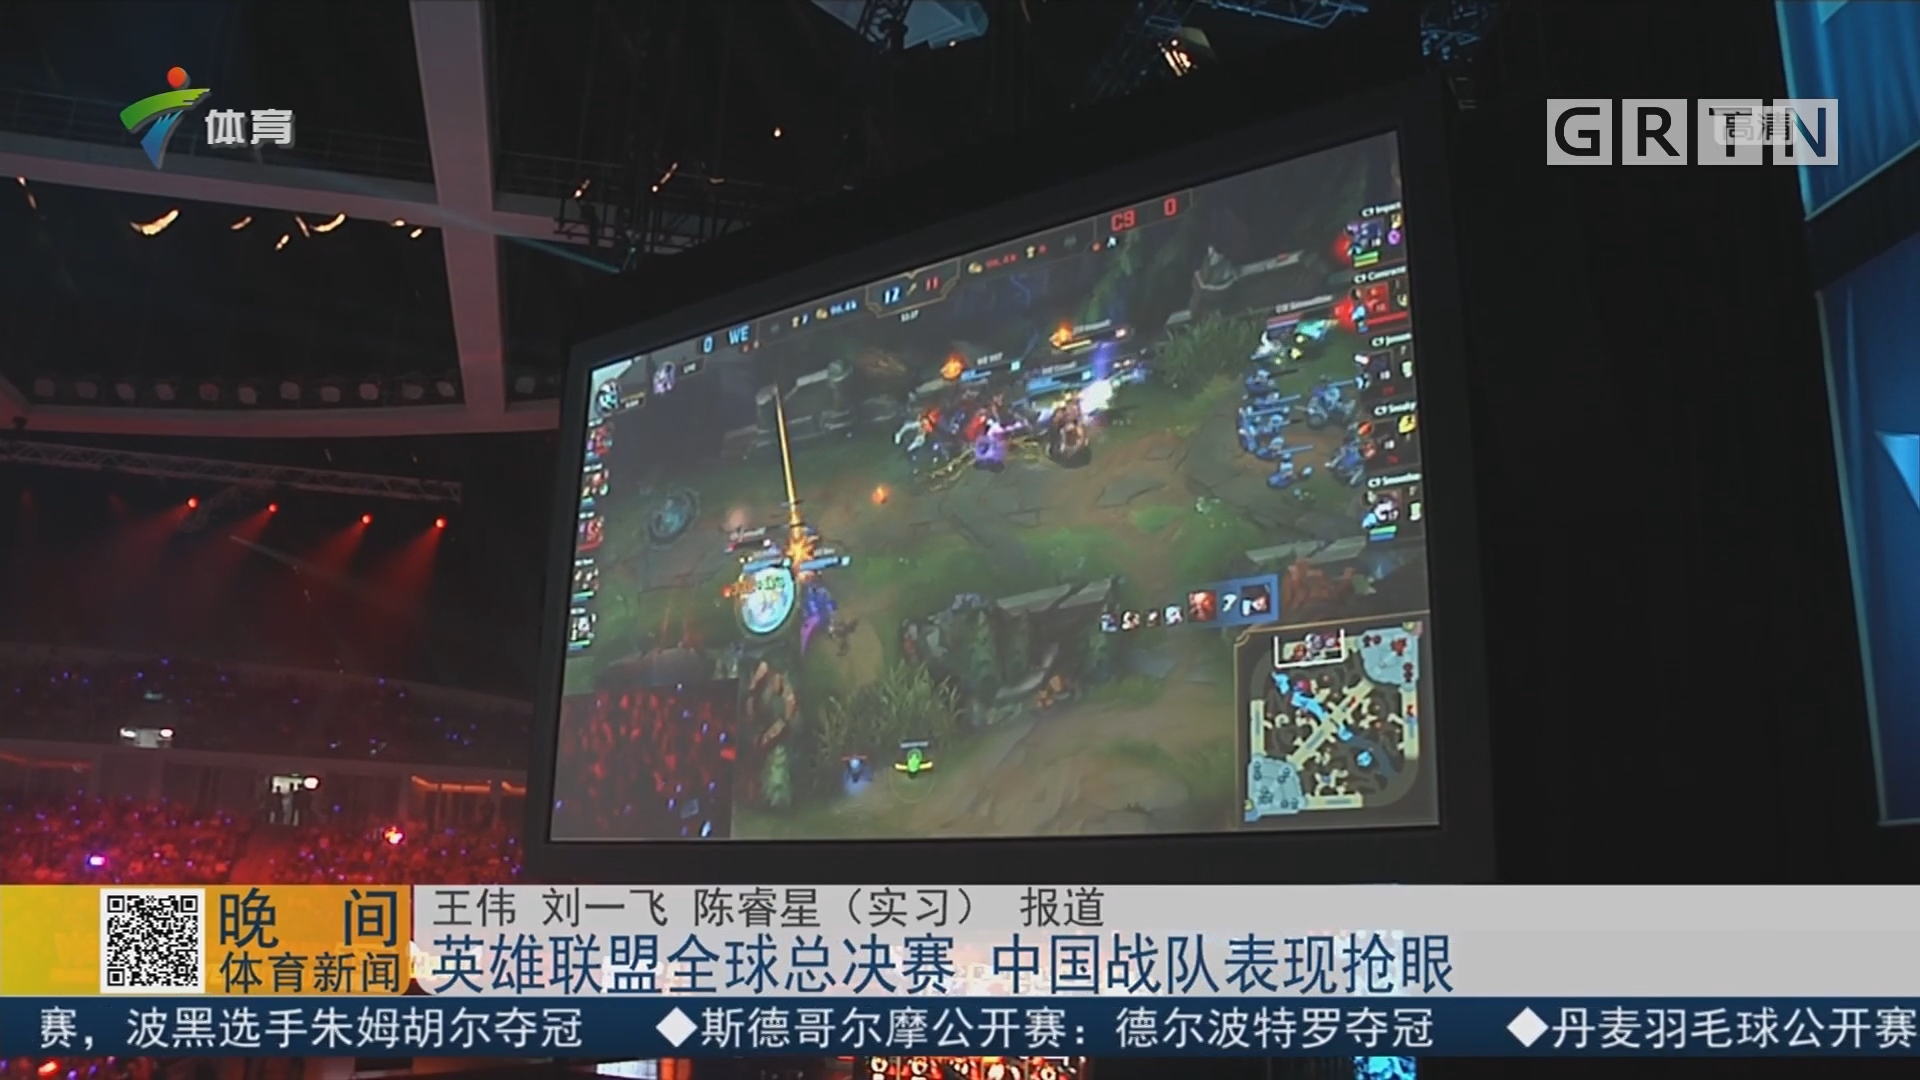 英雄联盟全球总决赛 中国战队表现抢眼